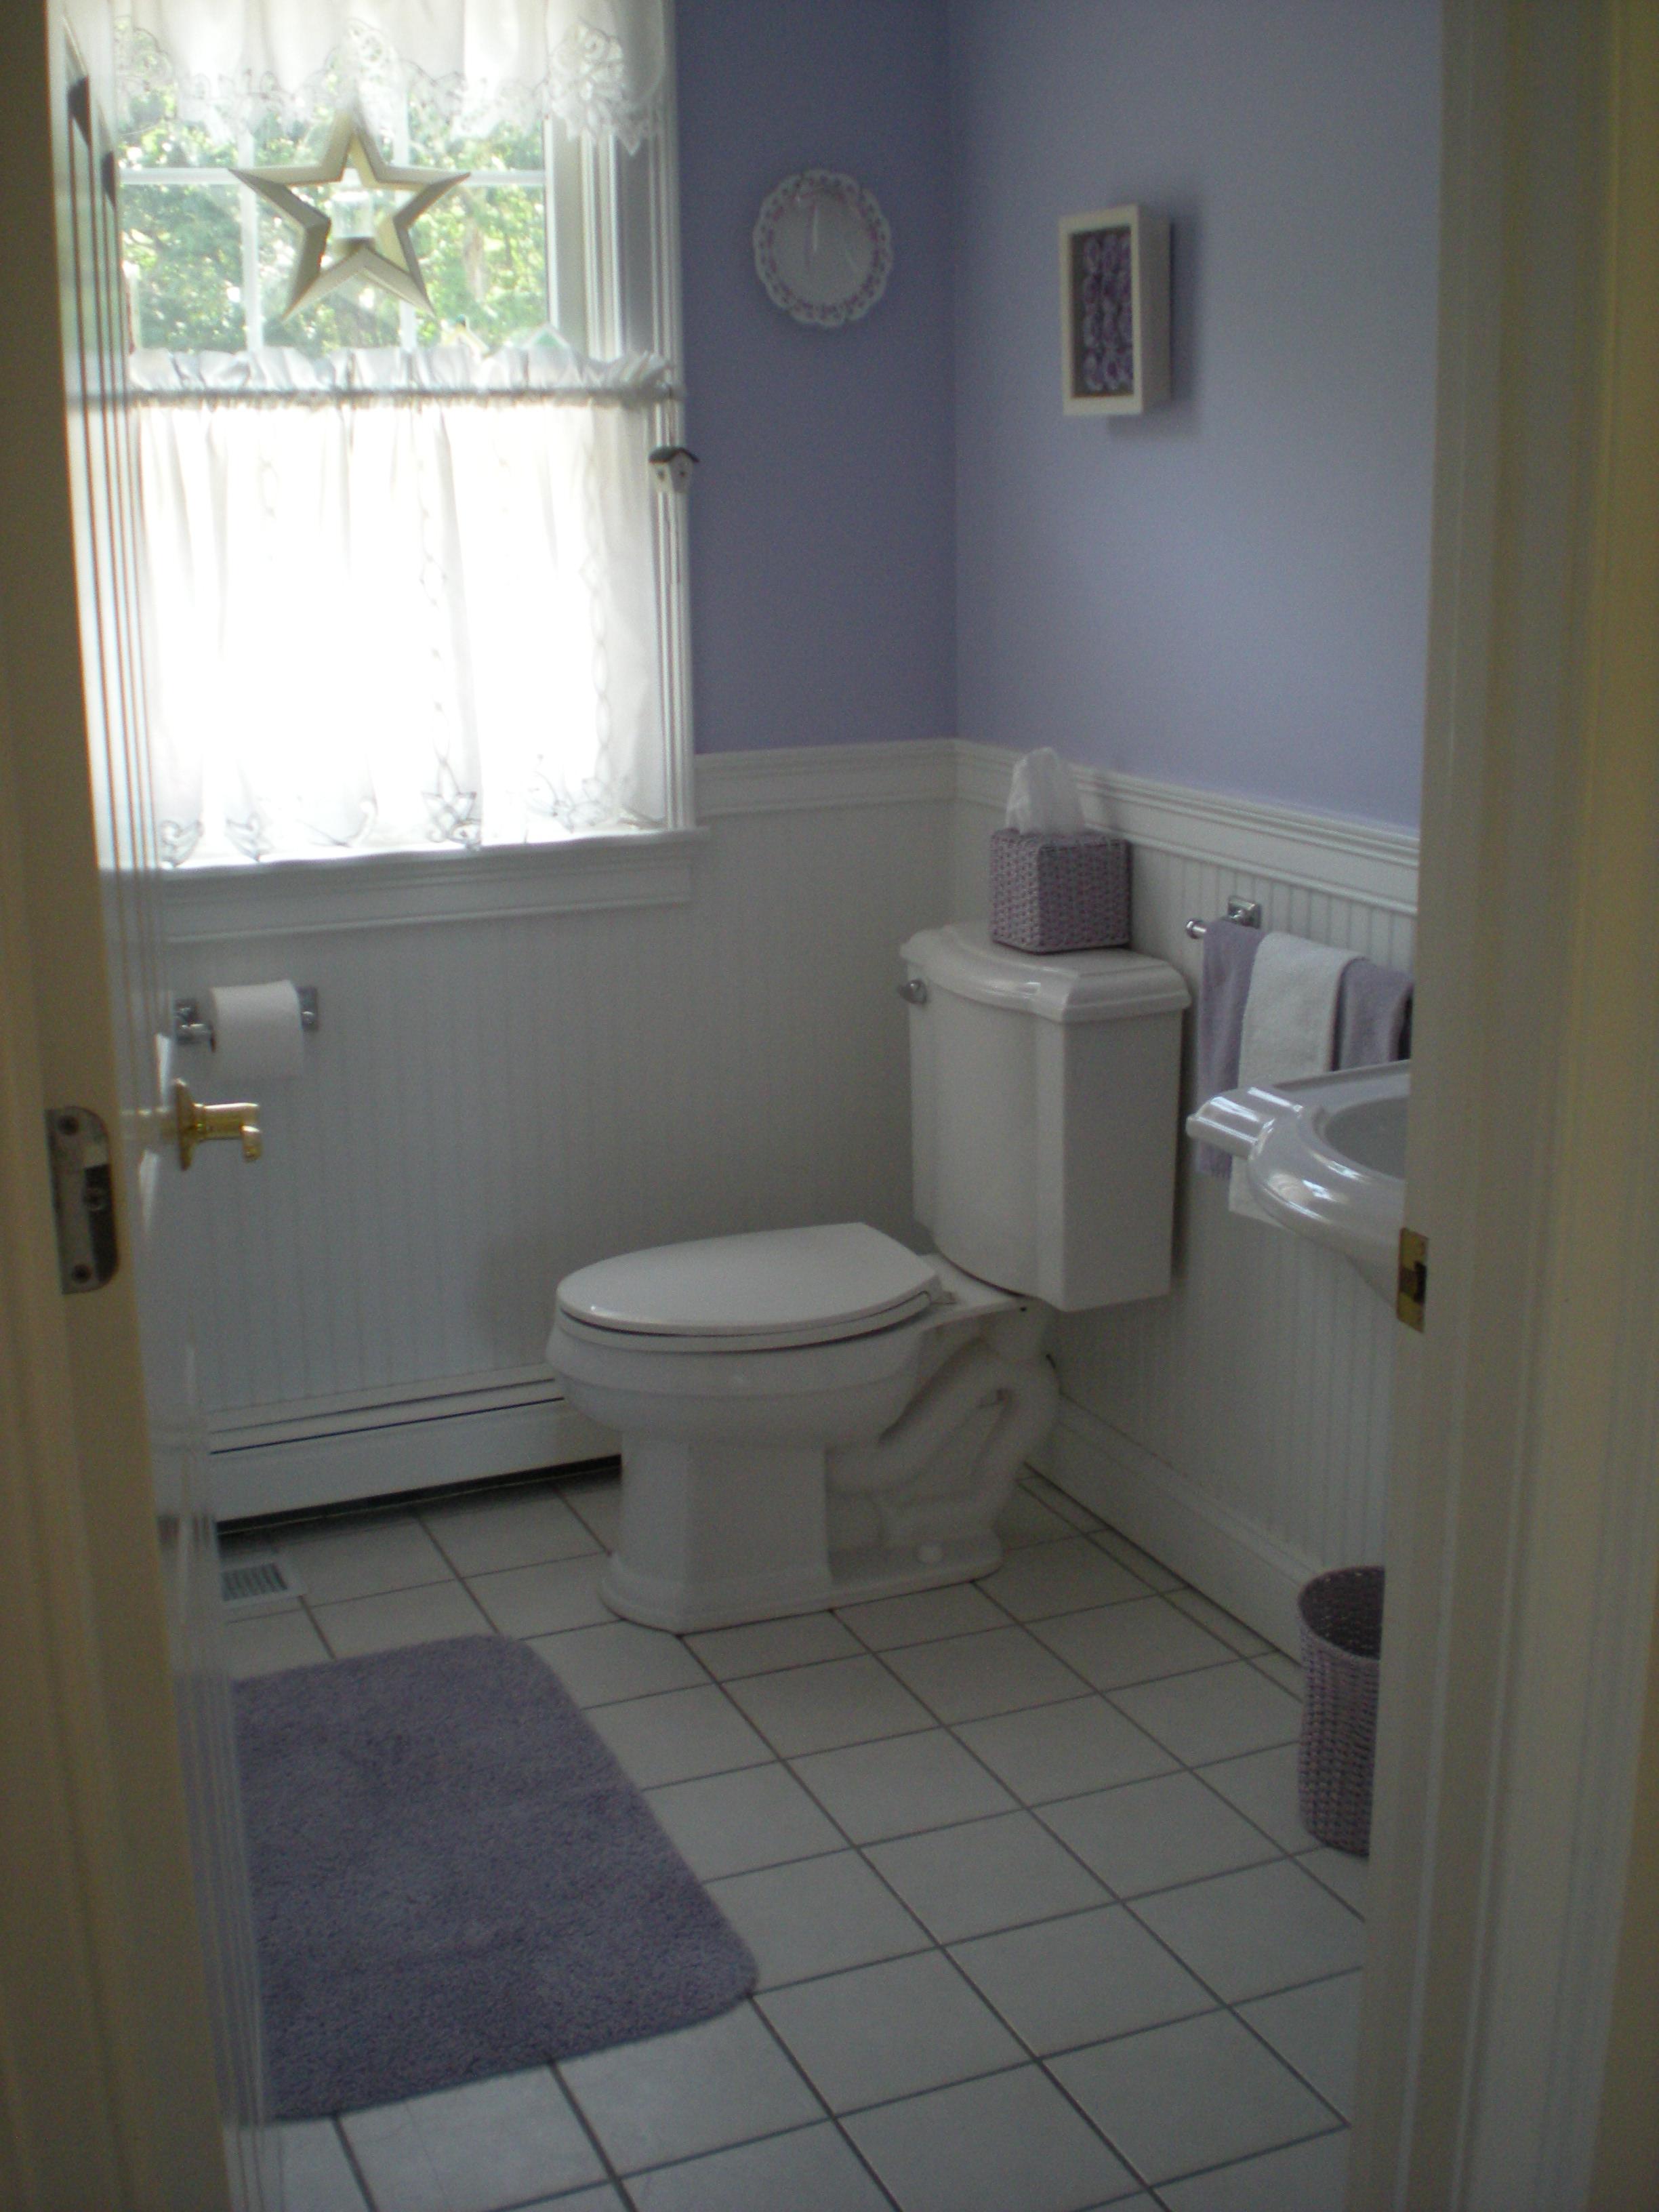 Northside Home Improvement Bathroom contractor remodeler